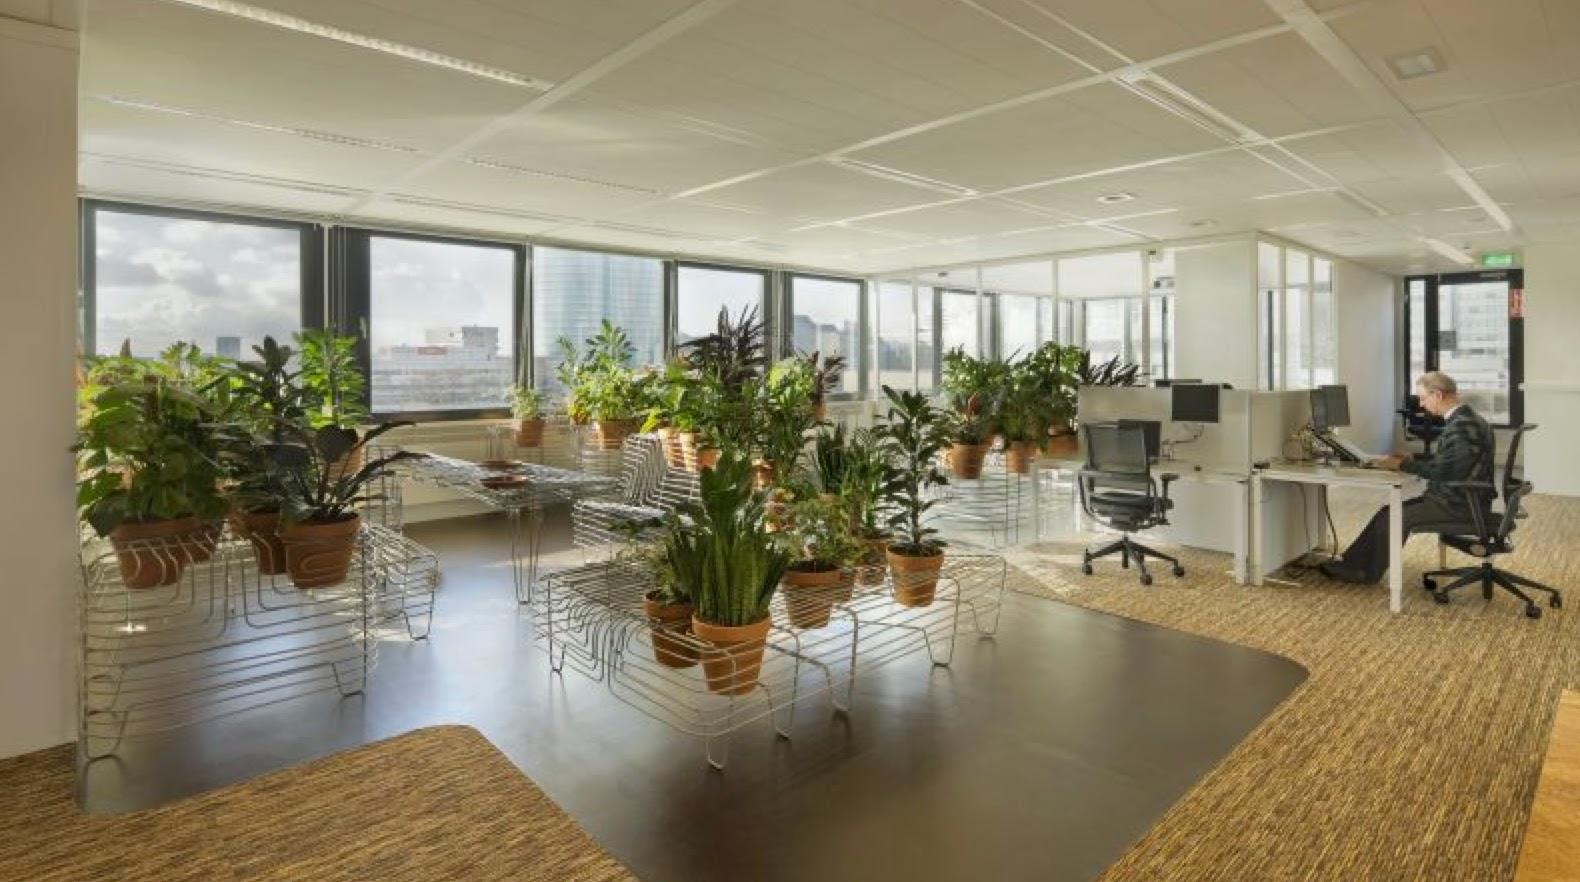 Shedworking: Indoor garden office